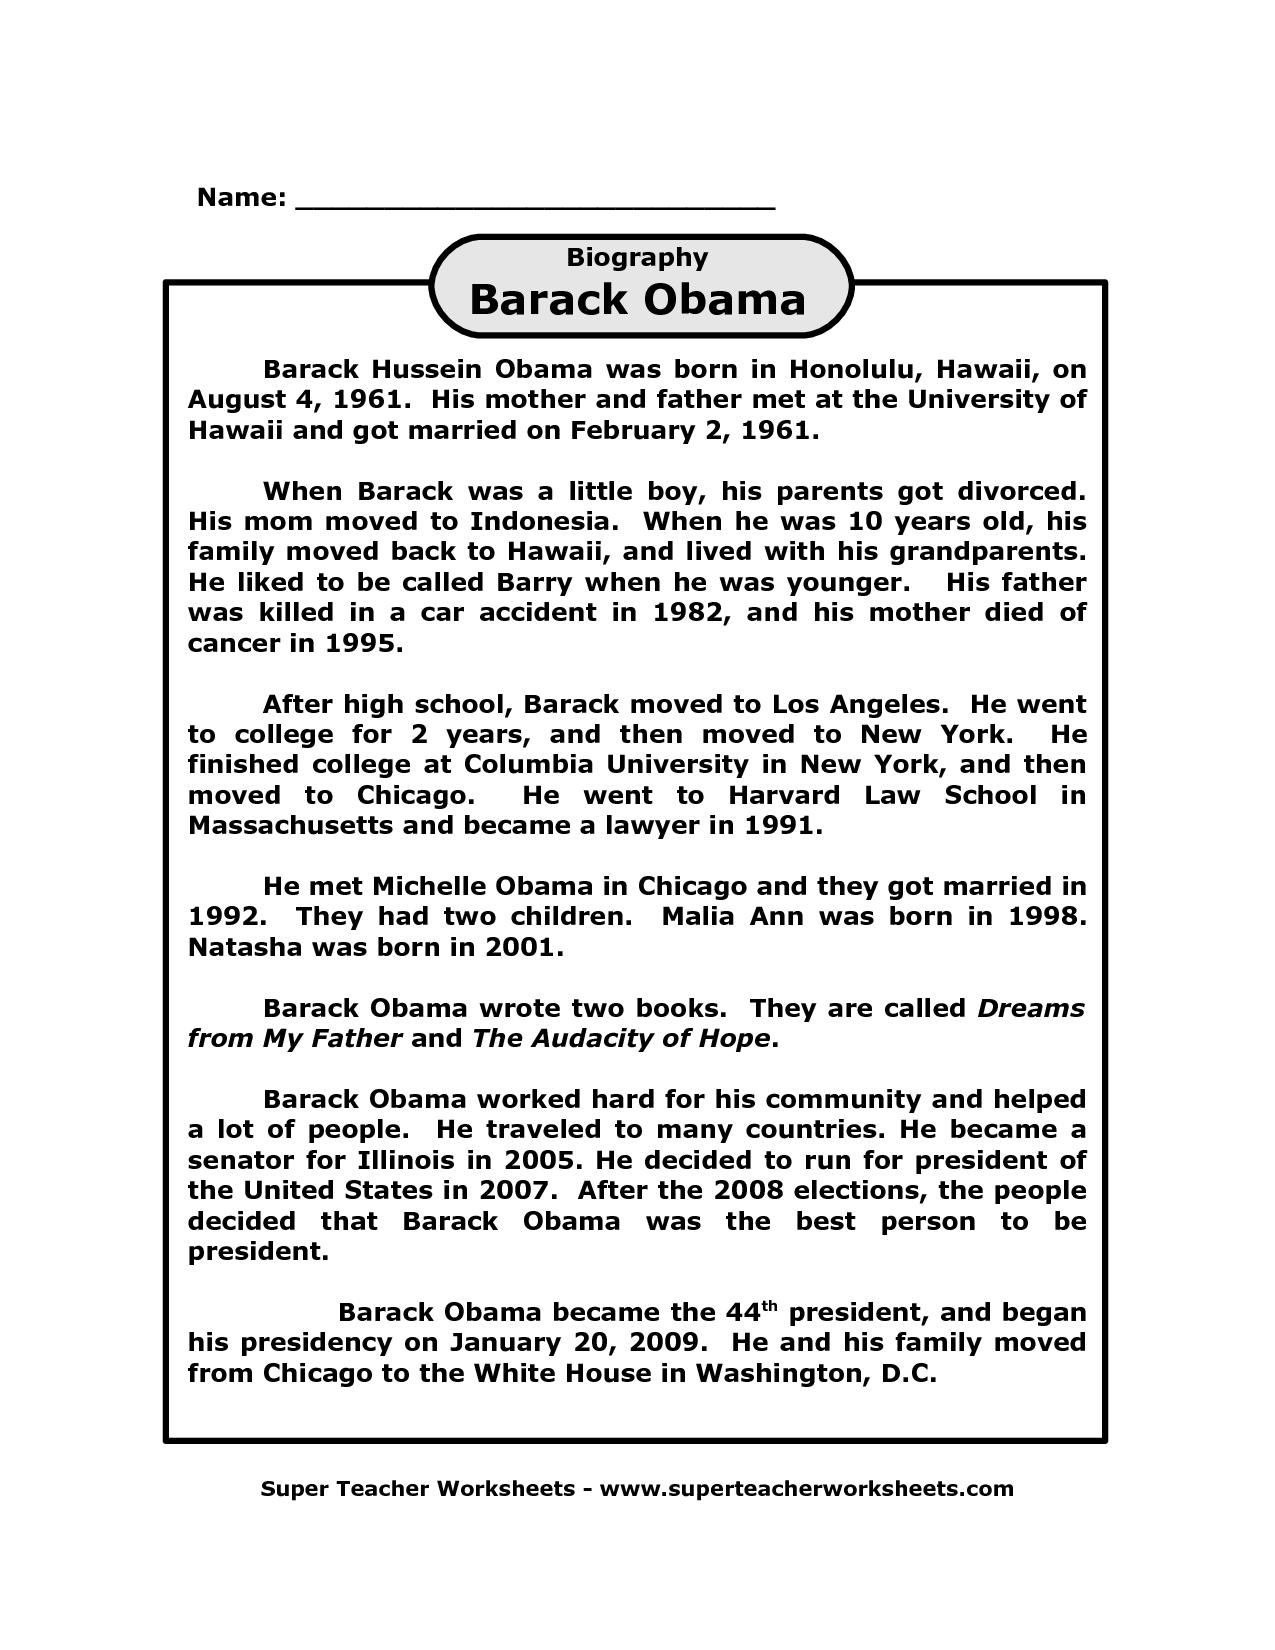 Barack Obama biography printable on super teacher worksheets.com ...